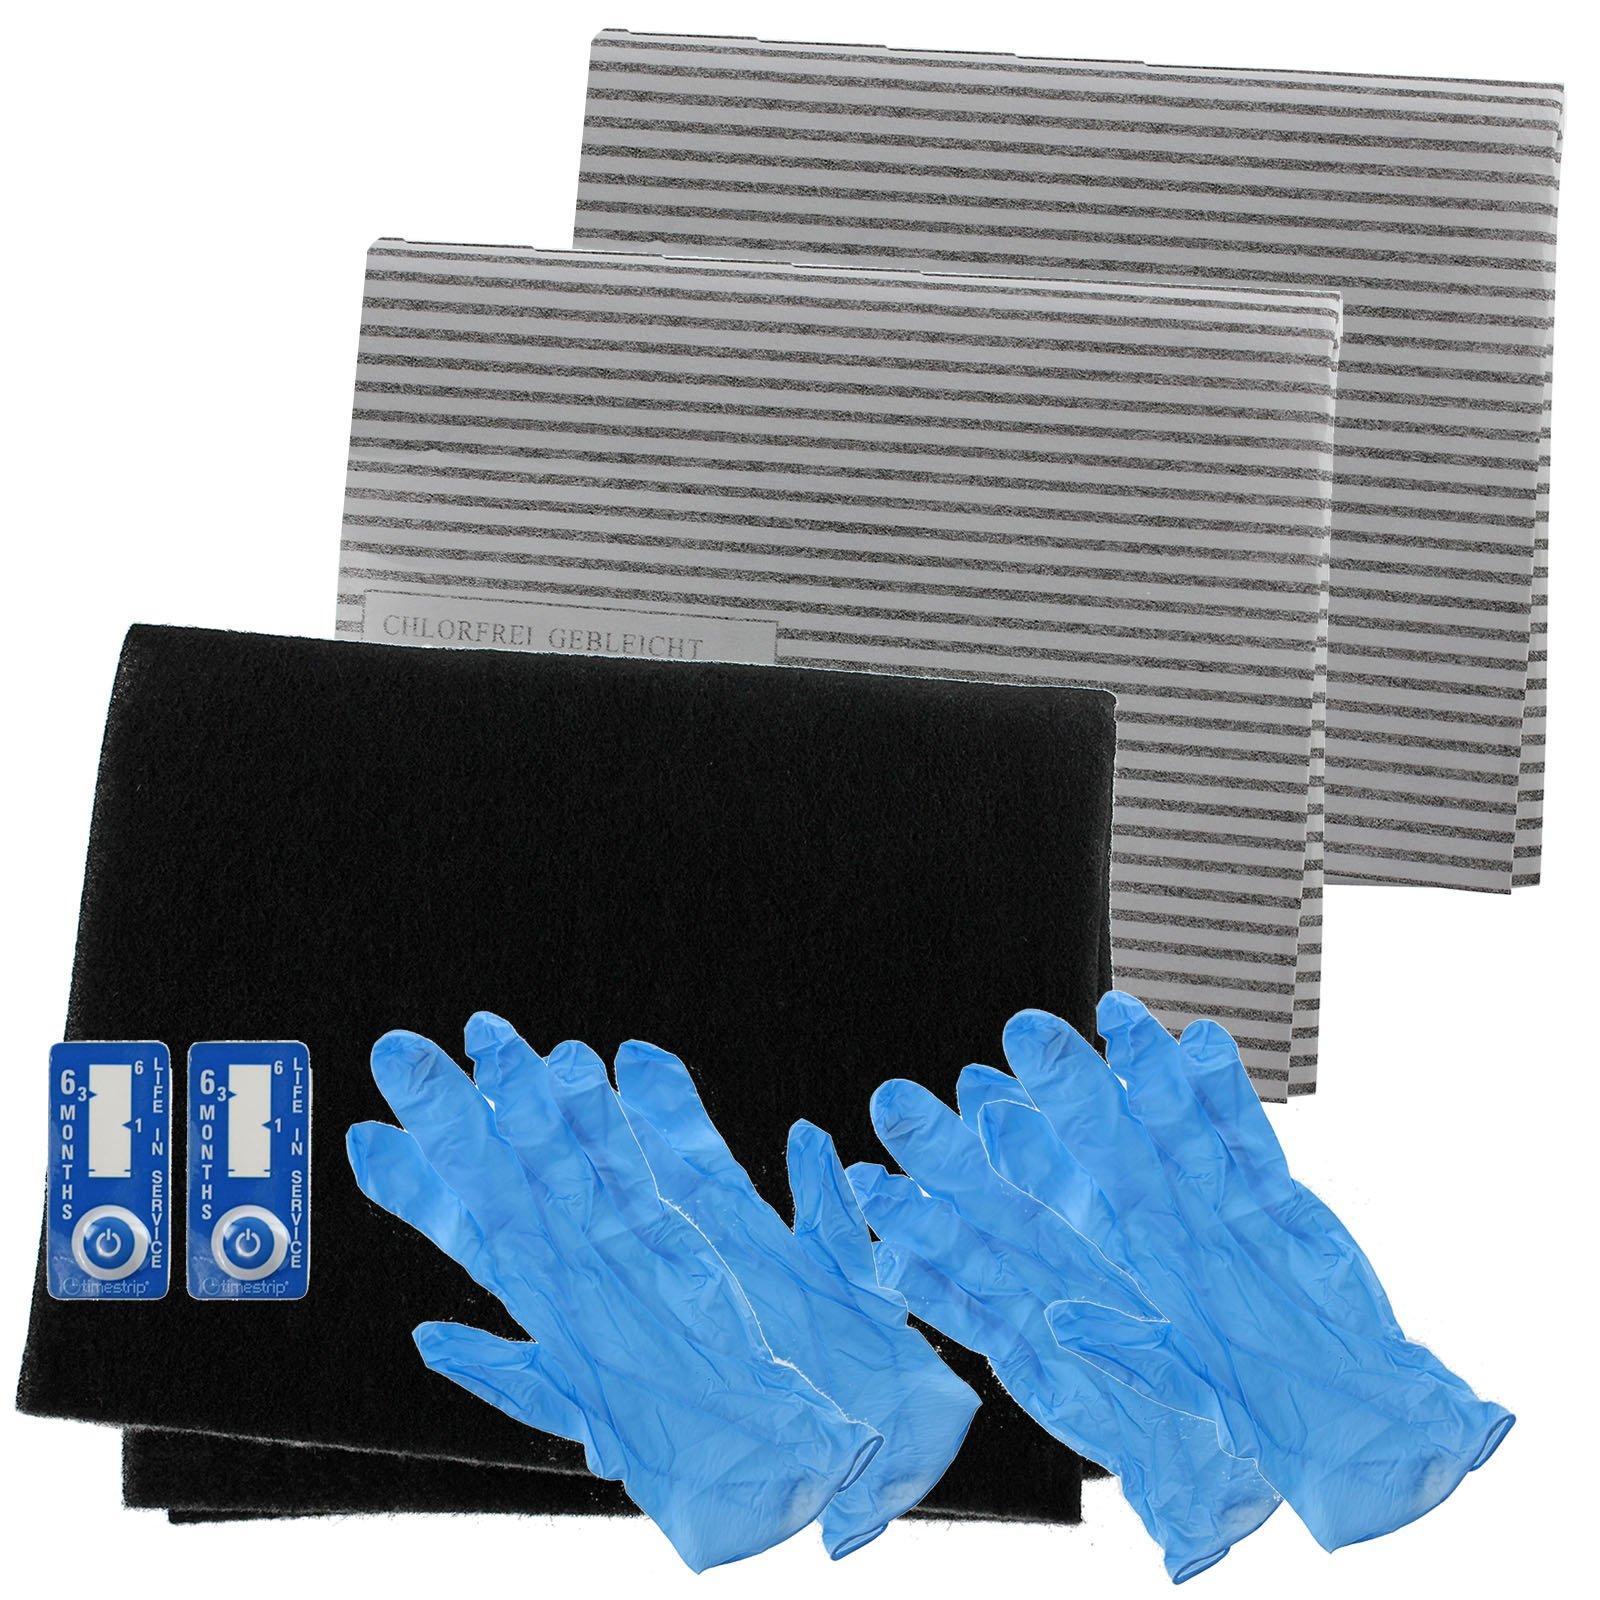 SPARES2GO cappa aspirante Grasso in carbonio filtro Kit Completo per Turboair cucina completa Ventol